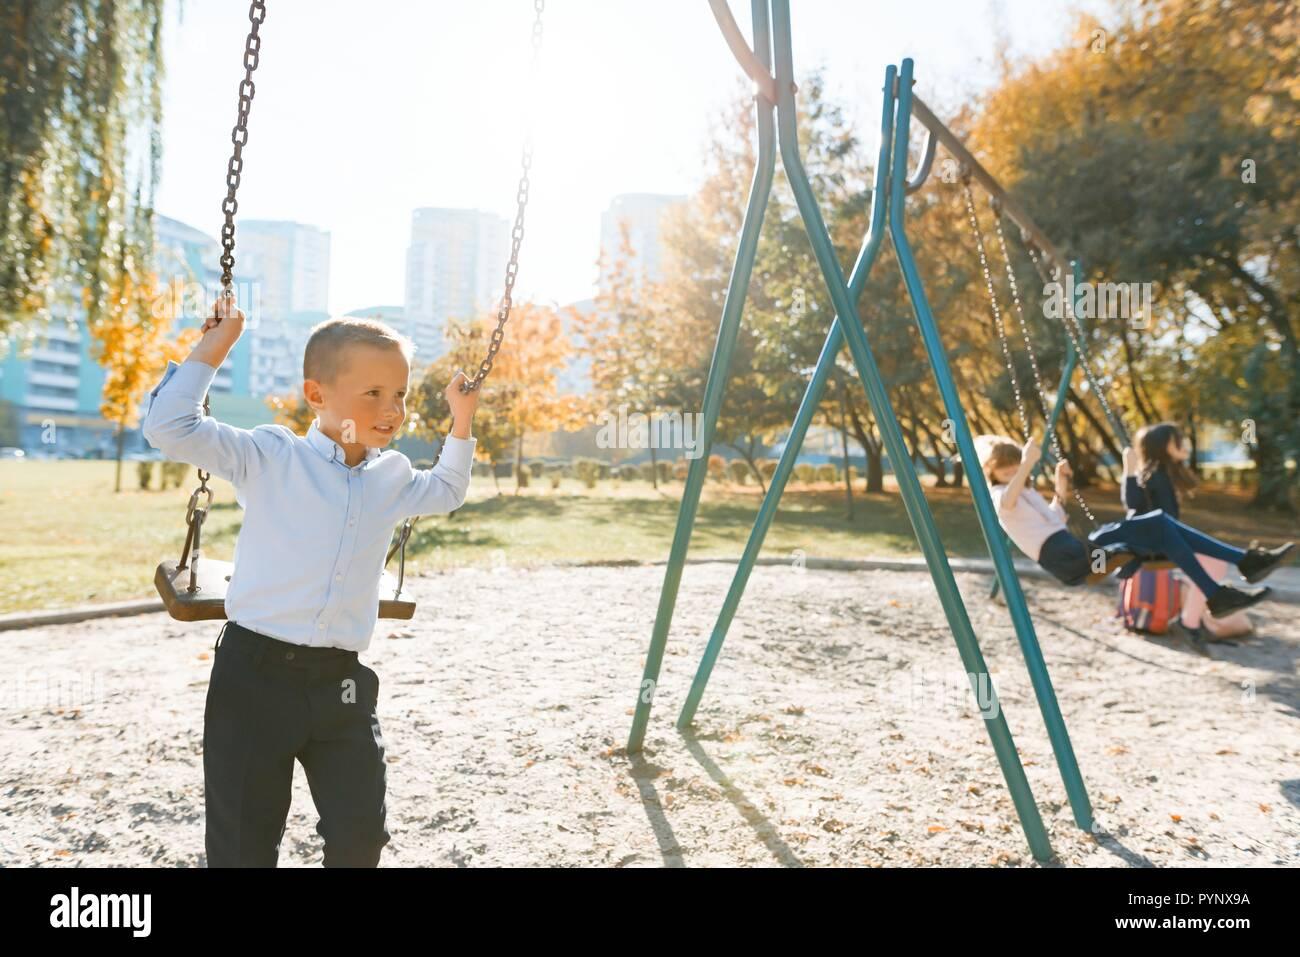 Les enfants voyagent sur une balançoire du parc en automne. L'accent sur le garçon, les filles dans la distance, heure d'or. Banque D'Images